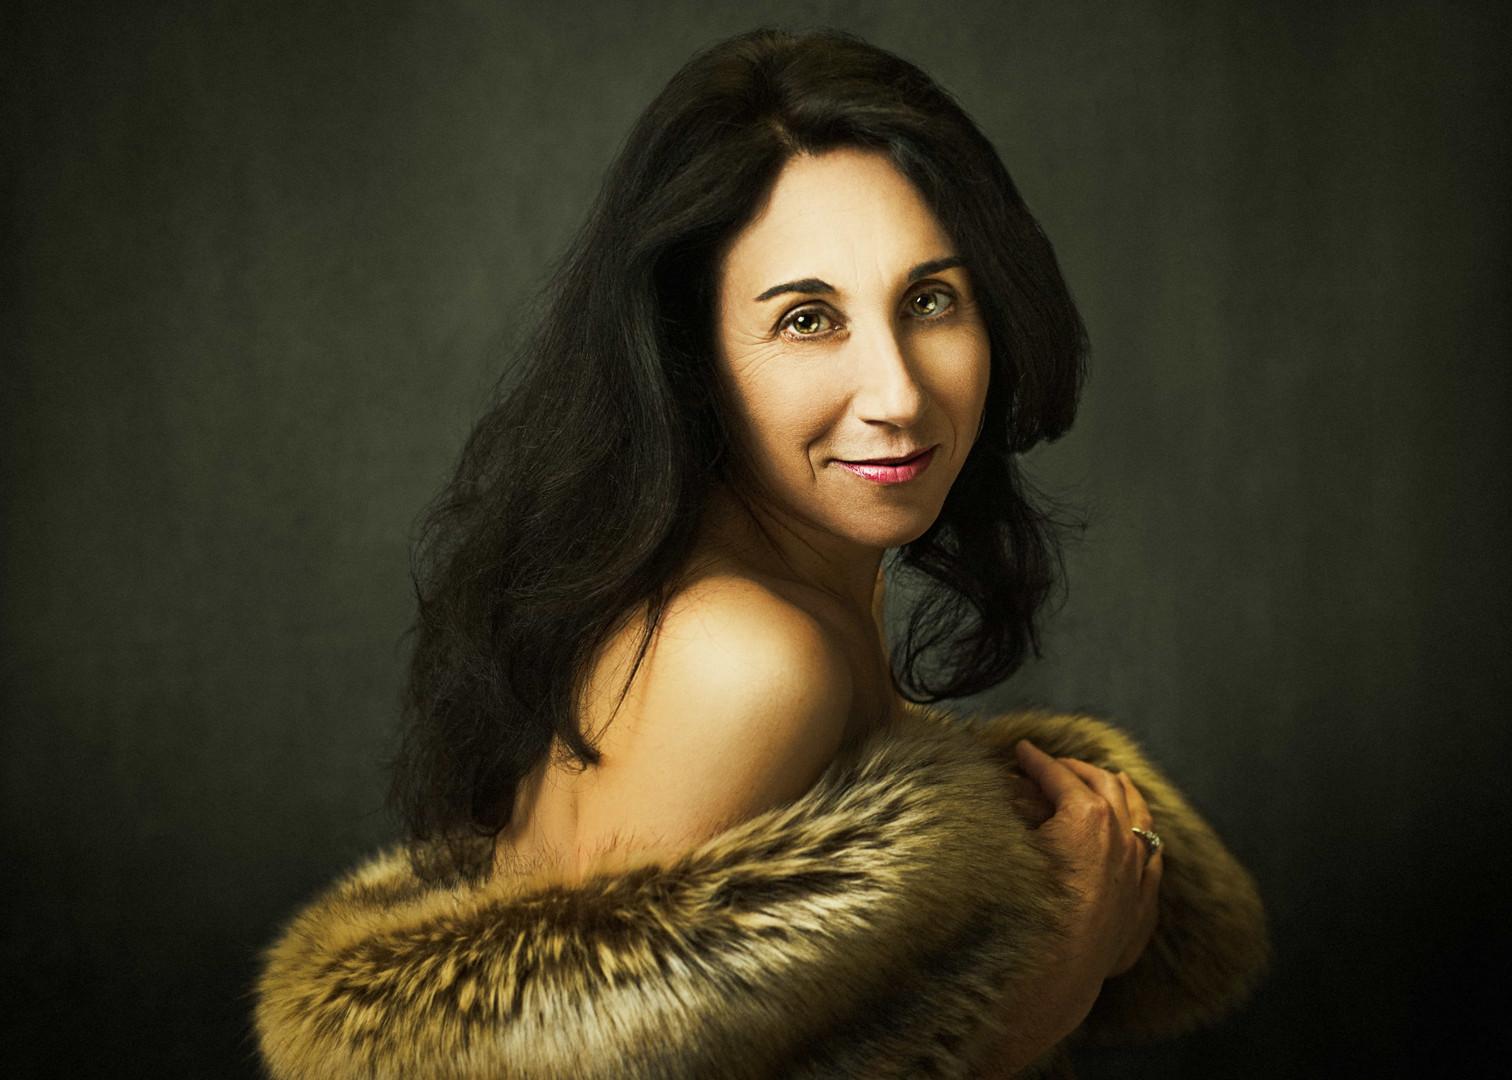 fotografia di ritratto milano per donne e uomini di tutte le età